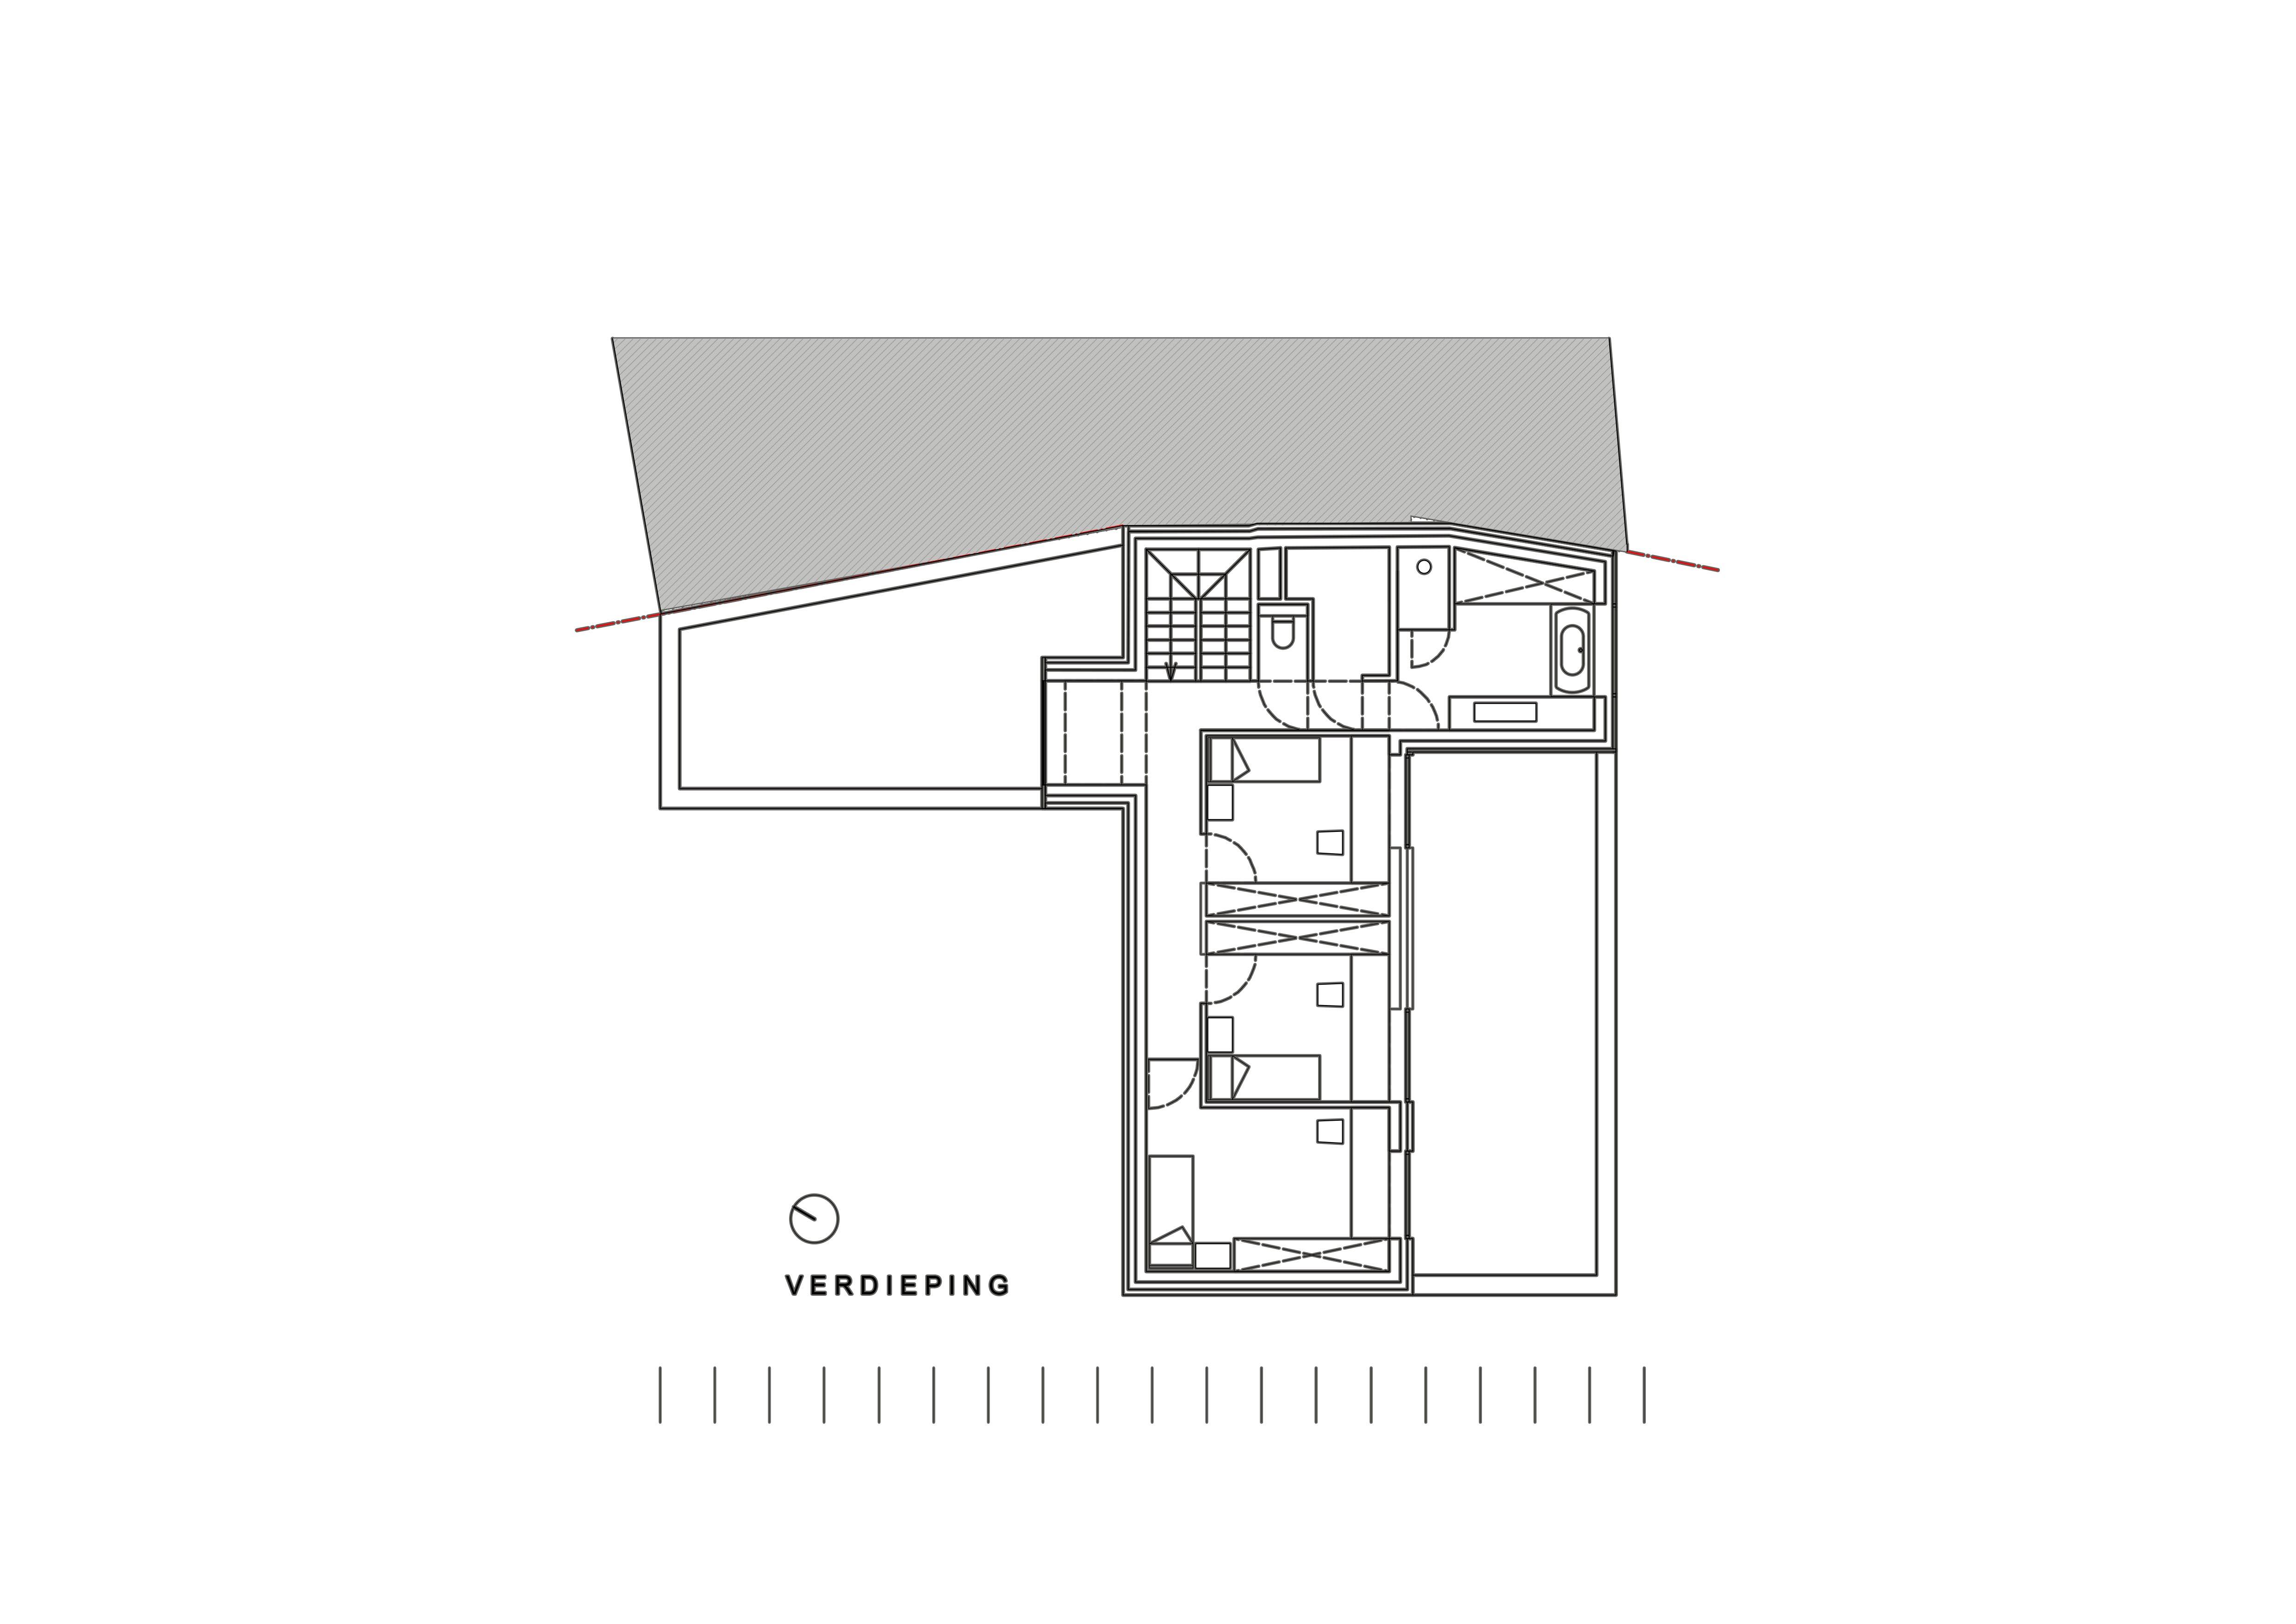 verdieping 1